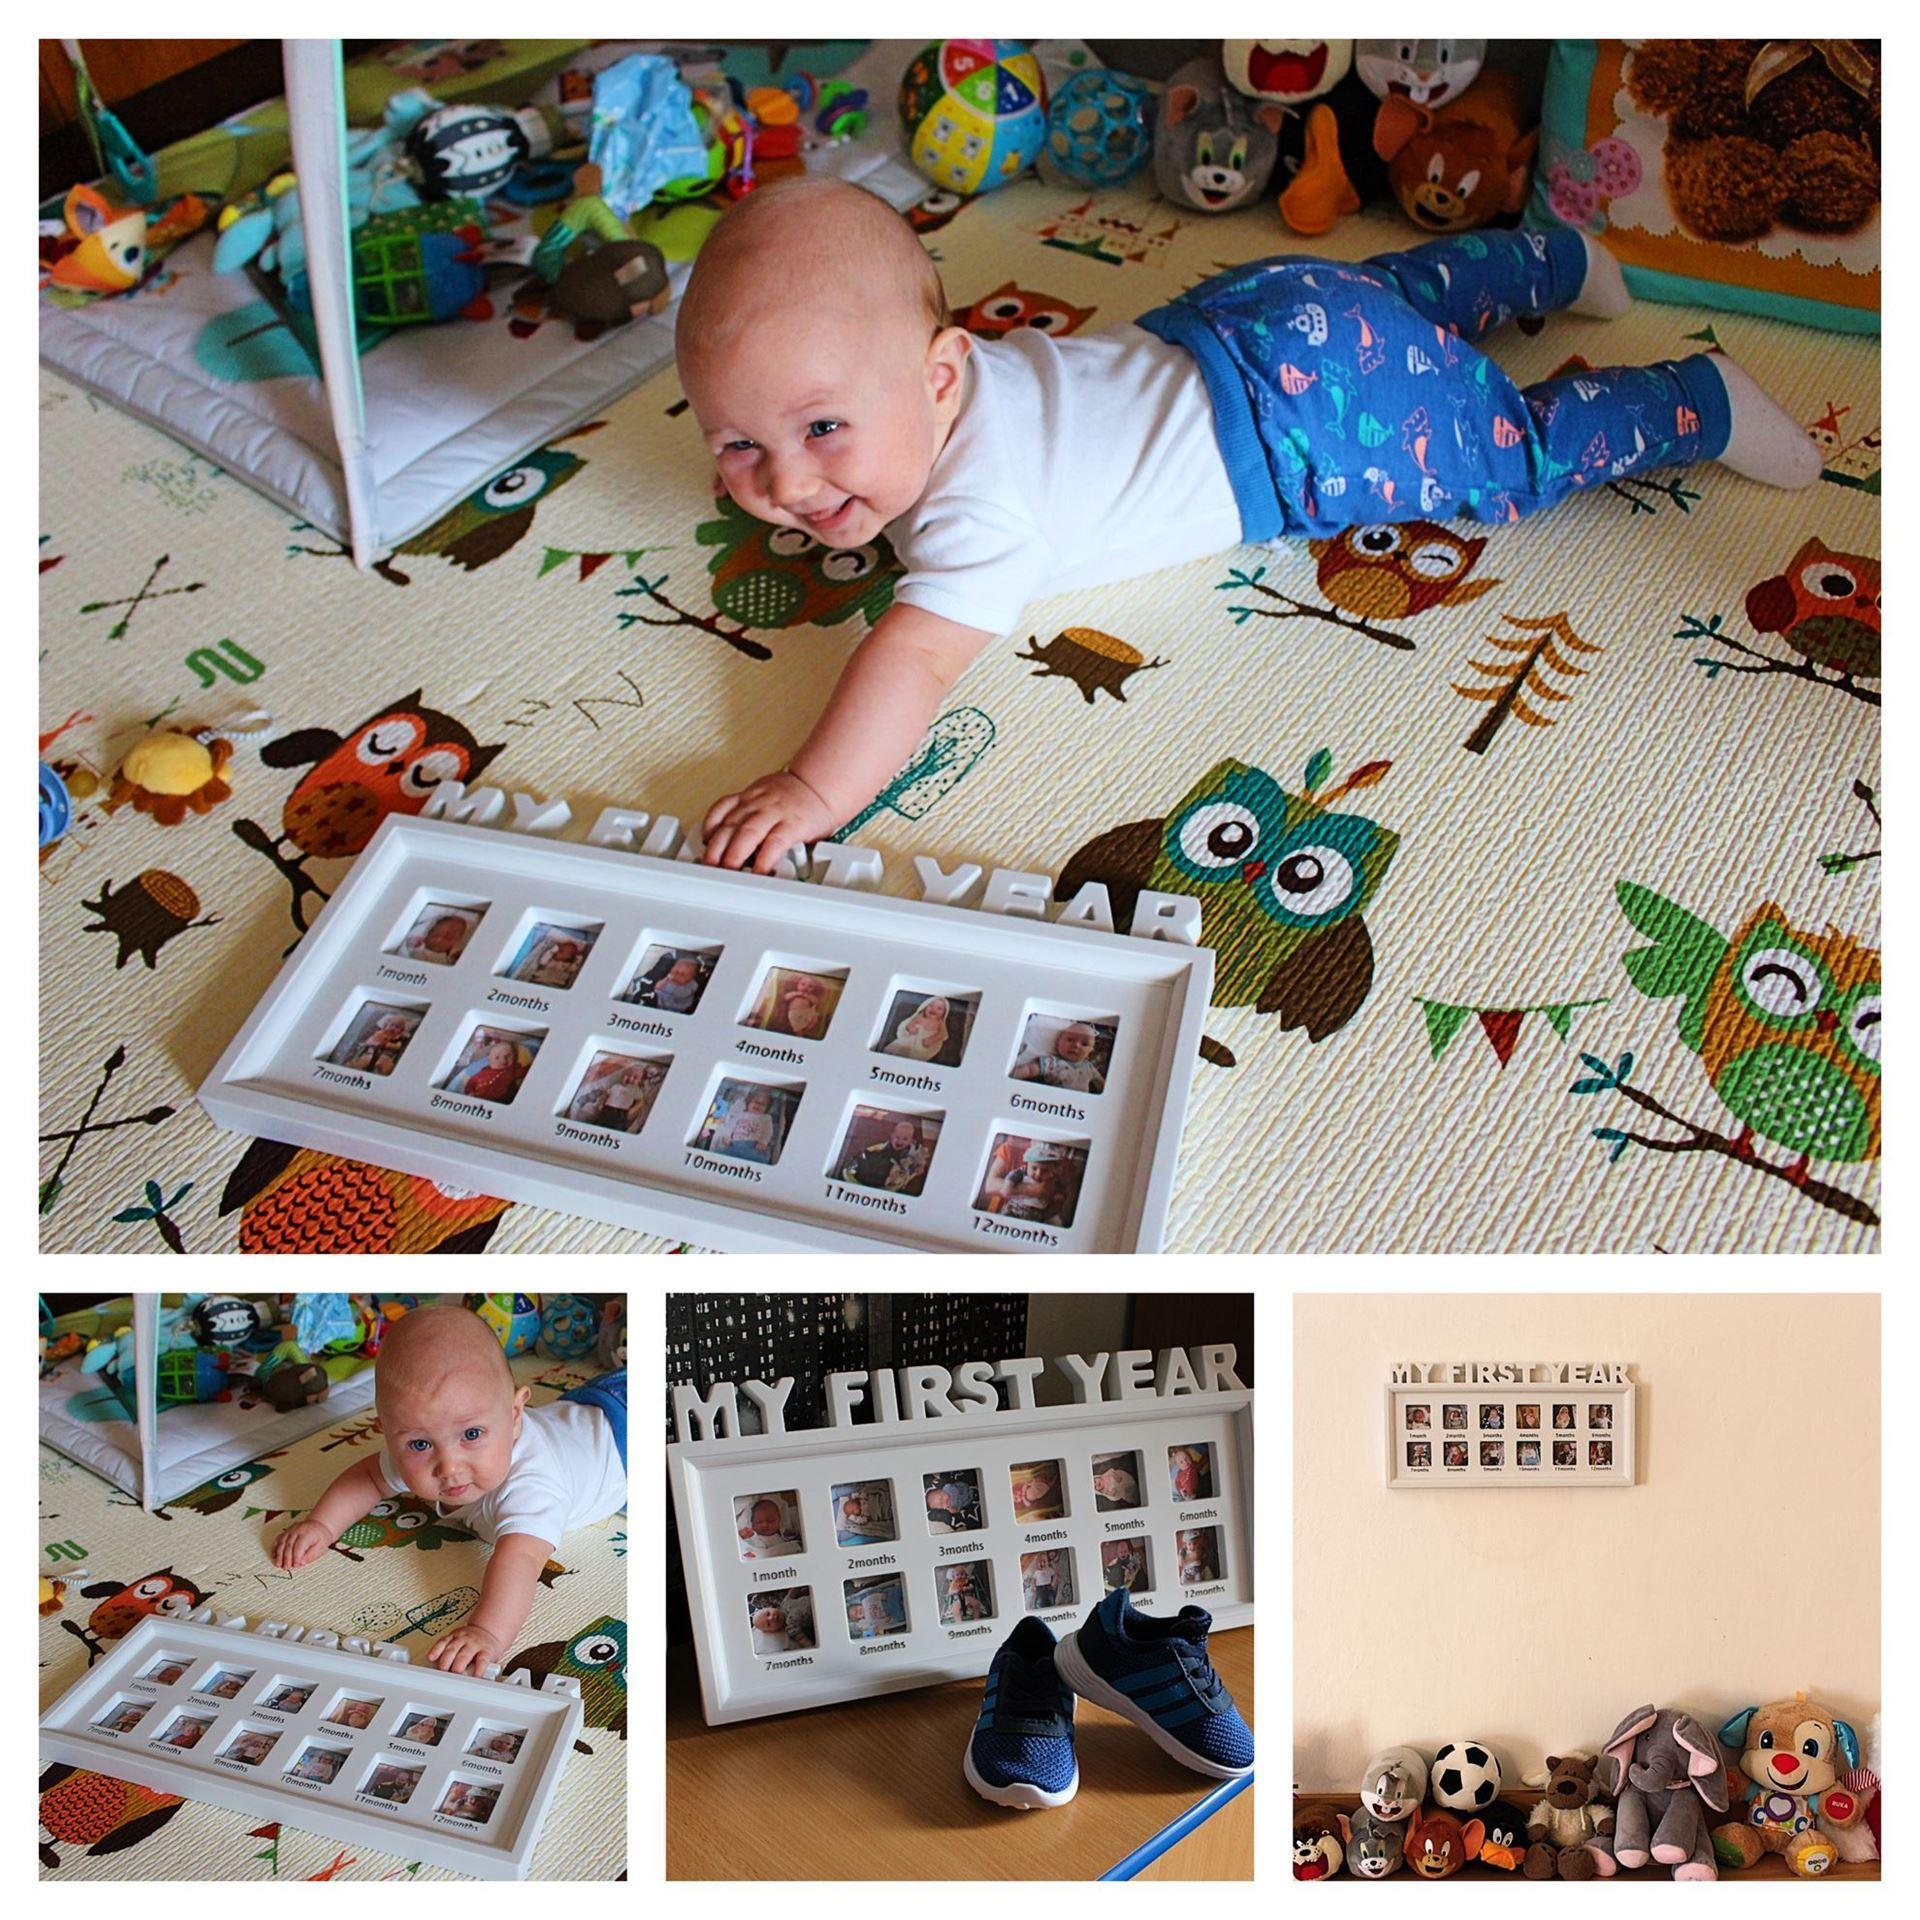 Rámeček - První rok dítěte